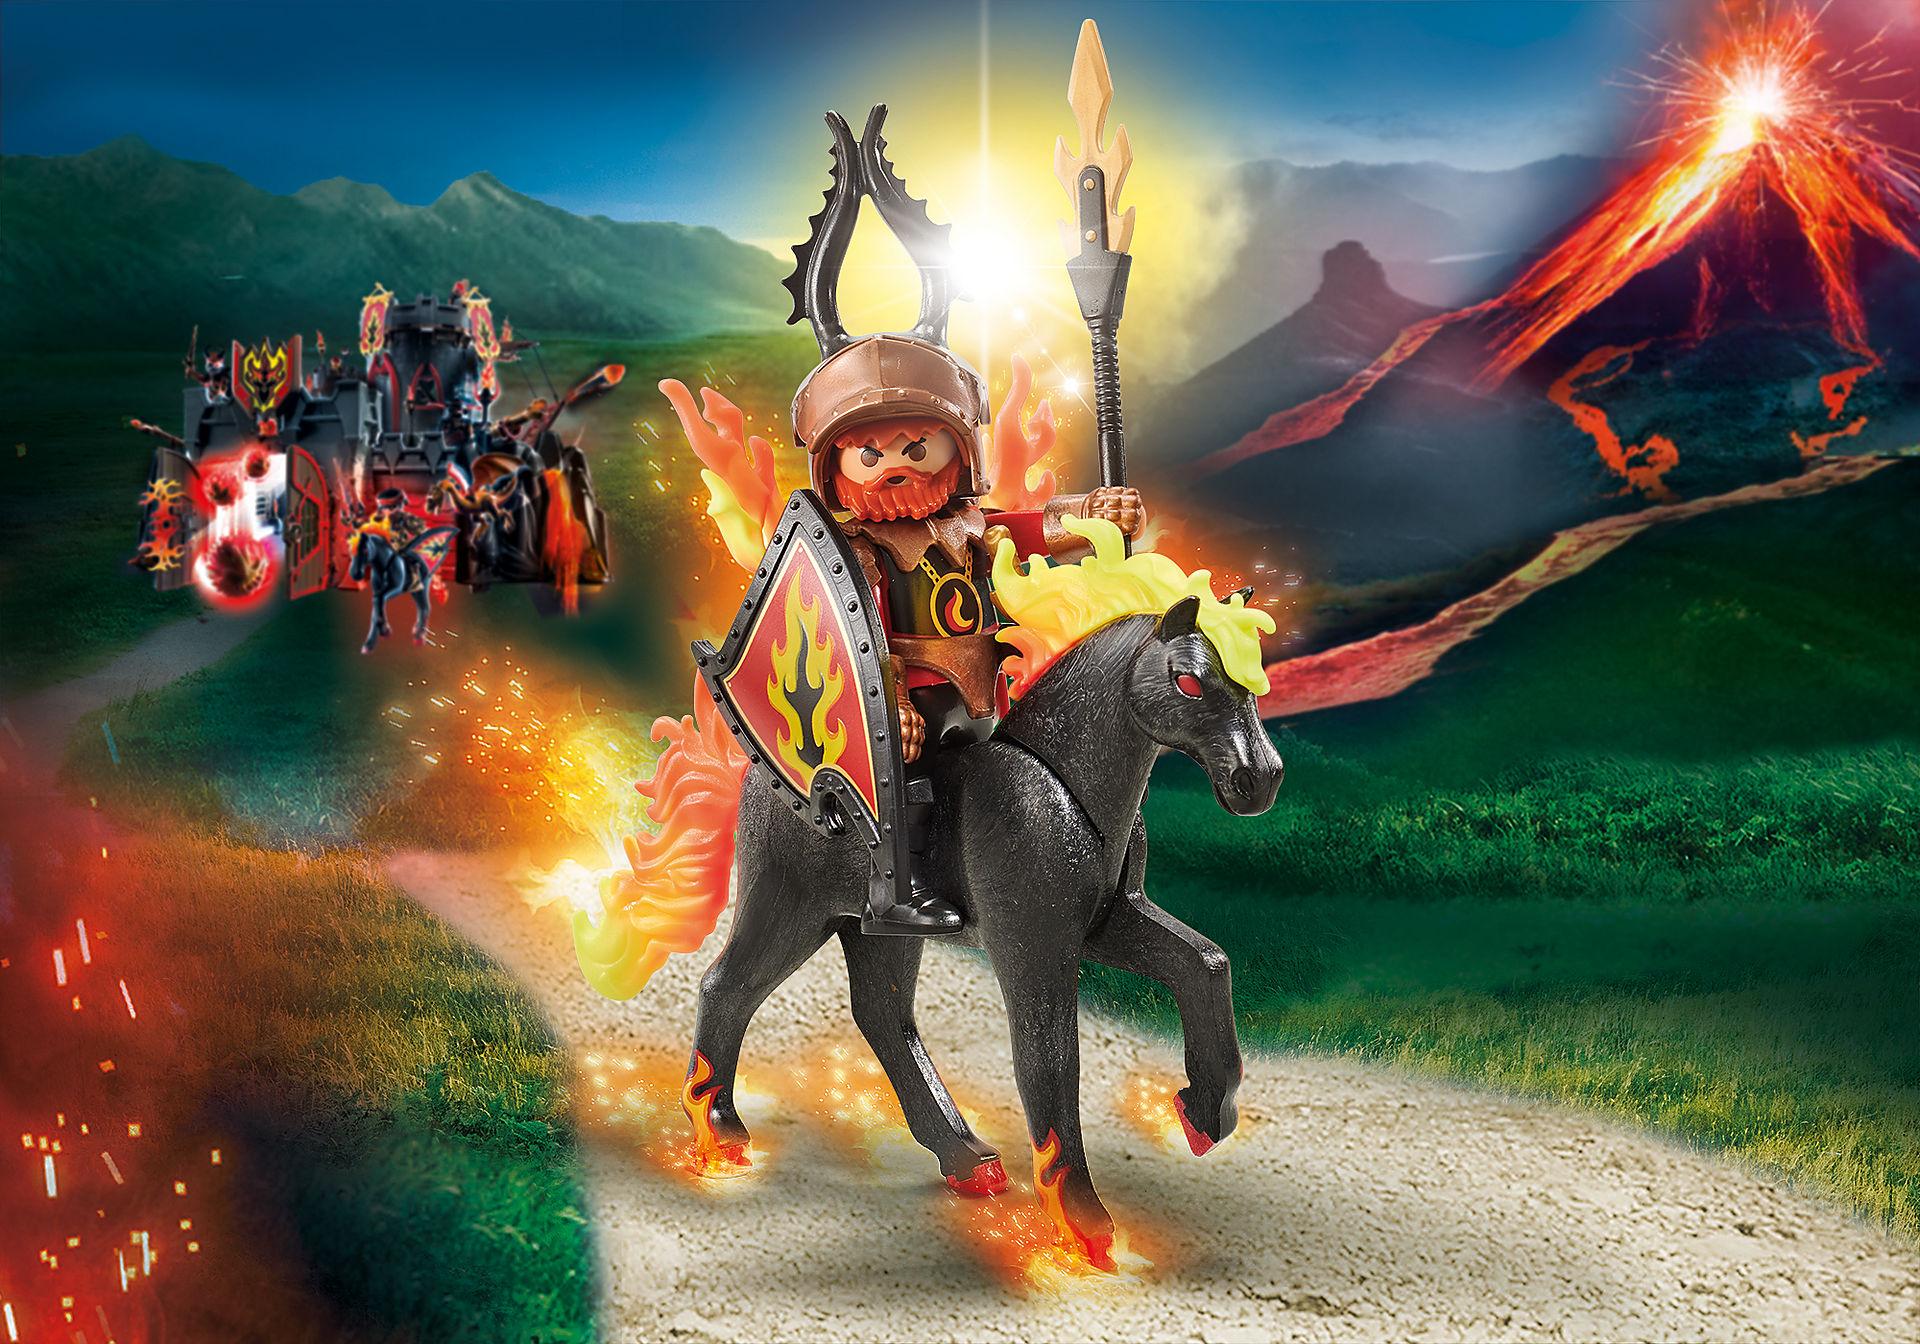 9882 Caballo de fuego con jinete zoom image1